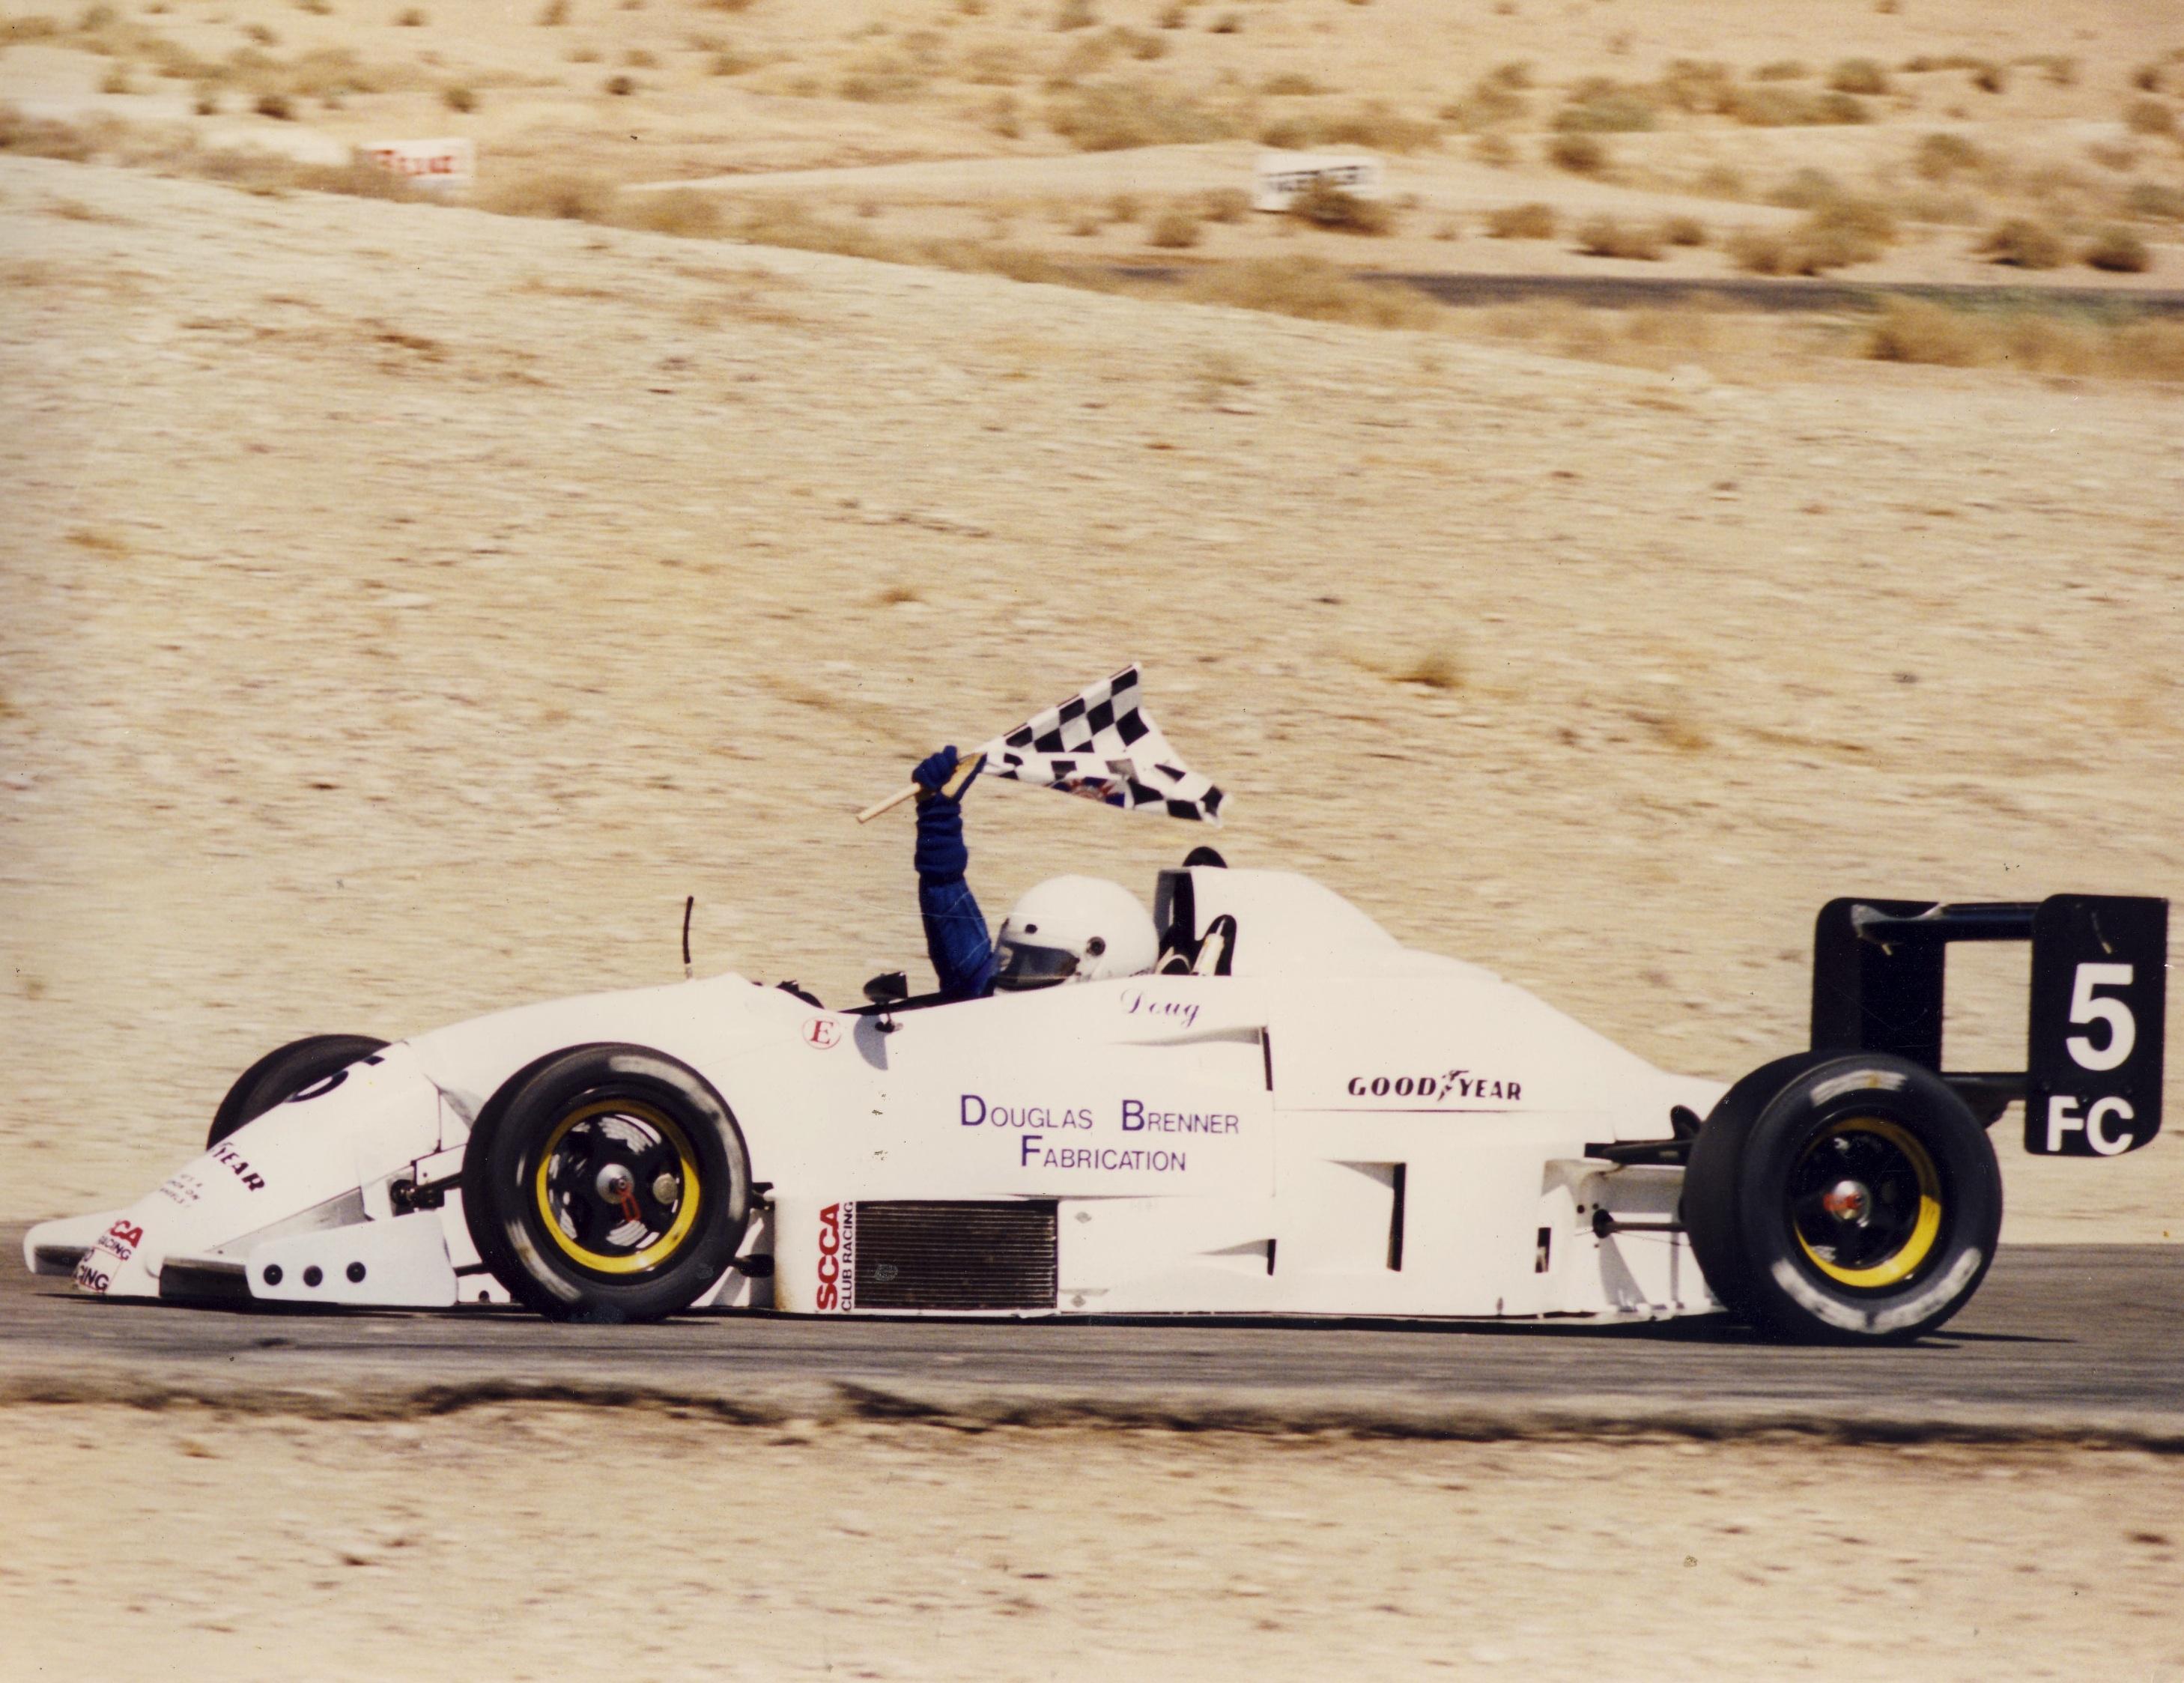 VanDiemen RF93 FC at Willow Springs California